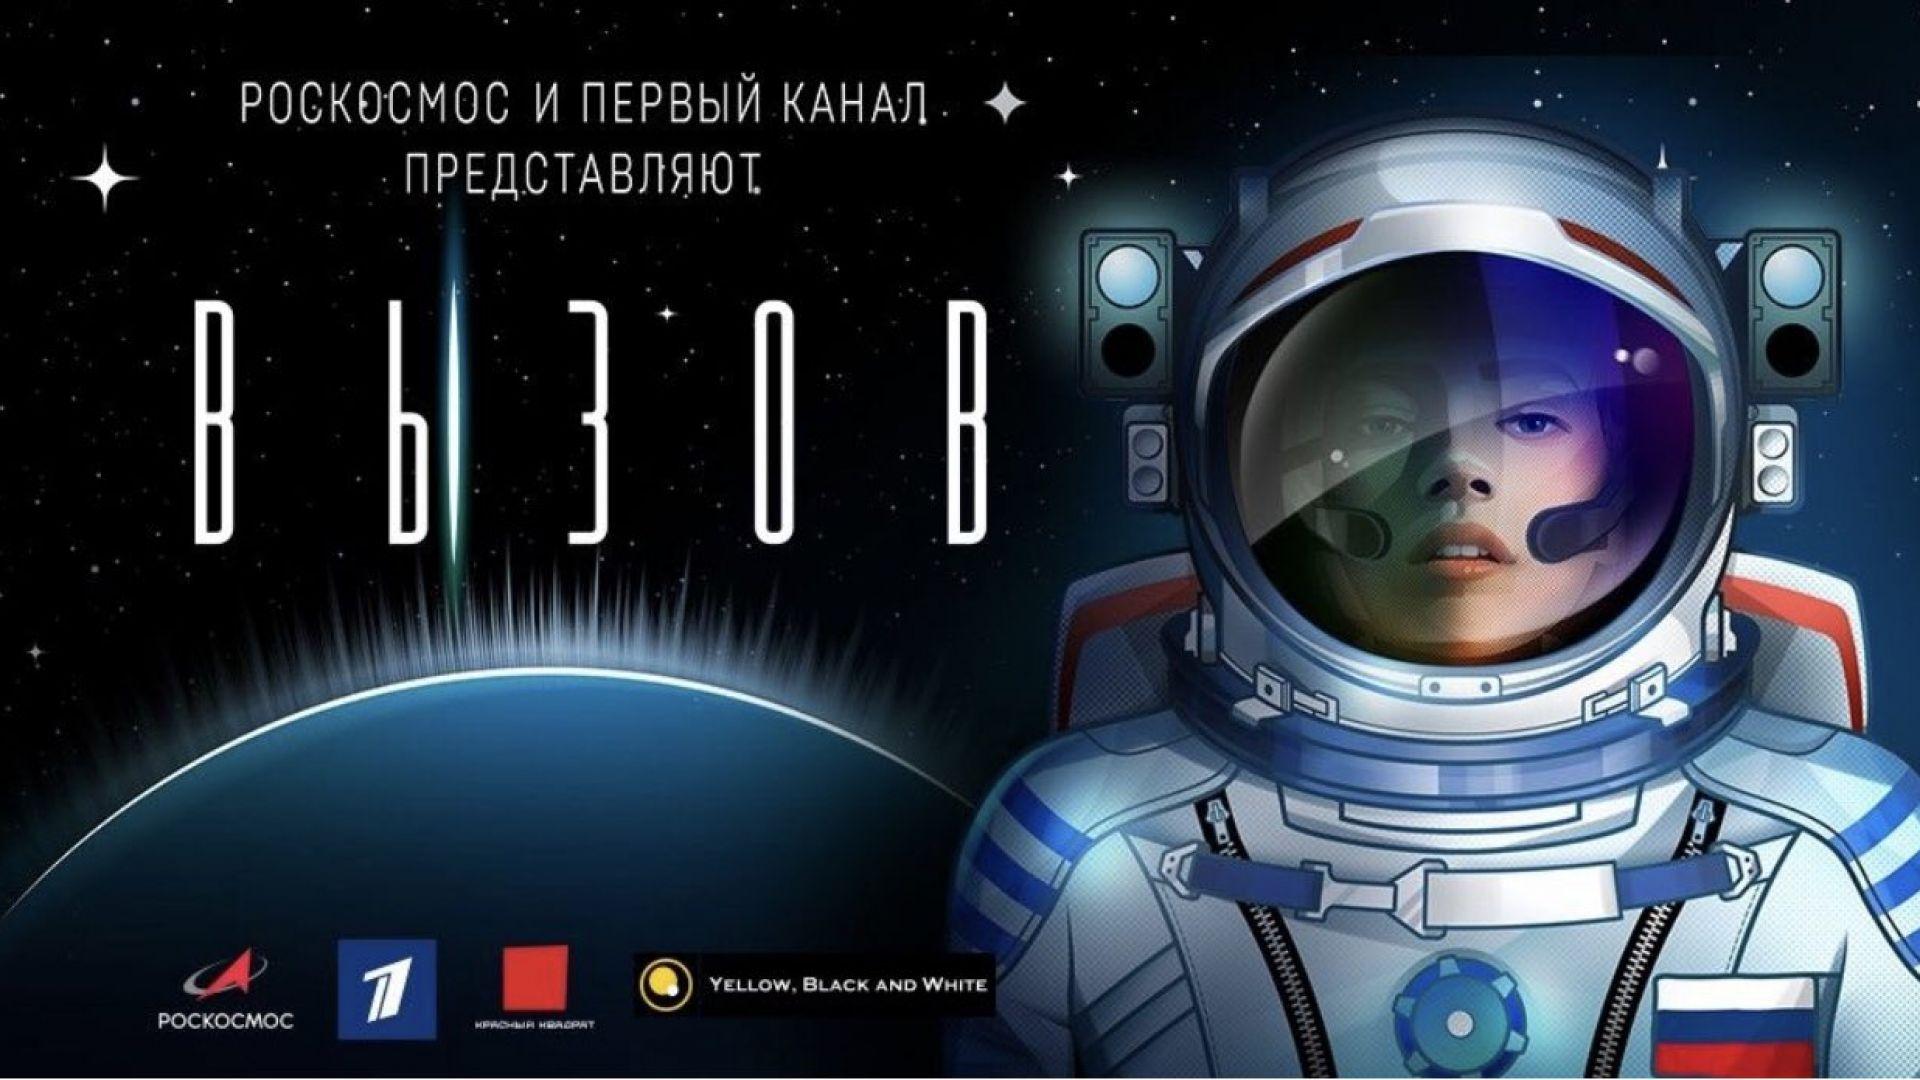 Русия е амбицирана да изпрати първата актриса в Космоса